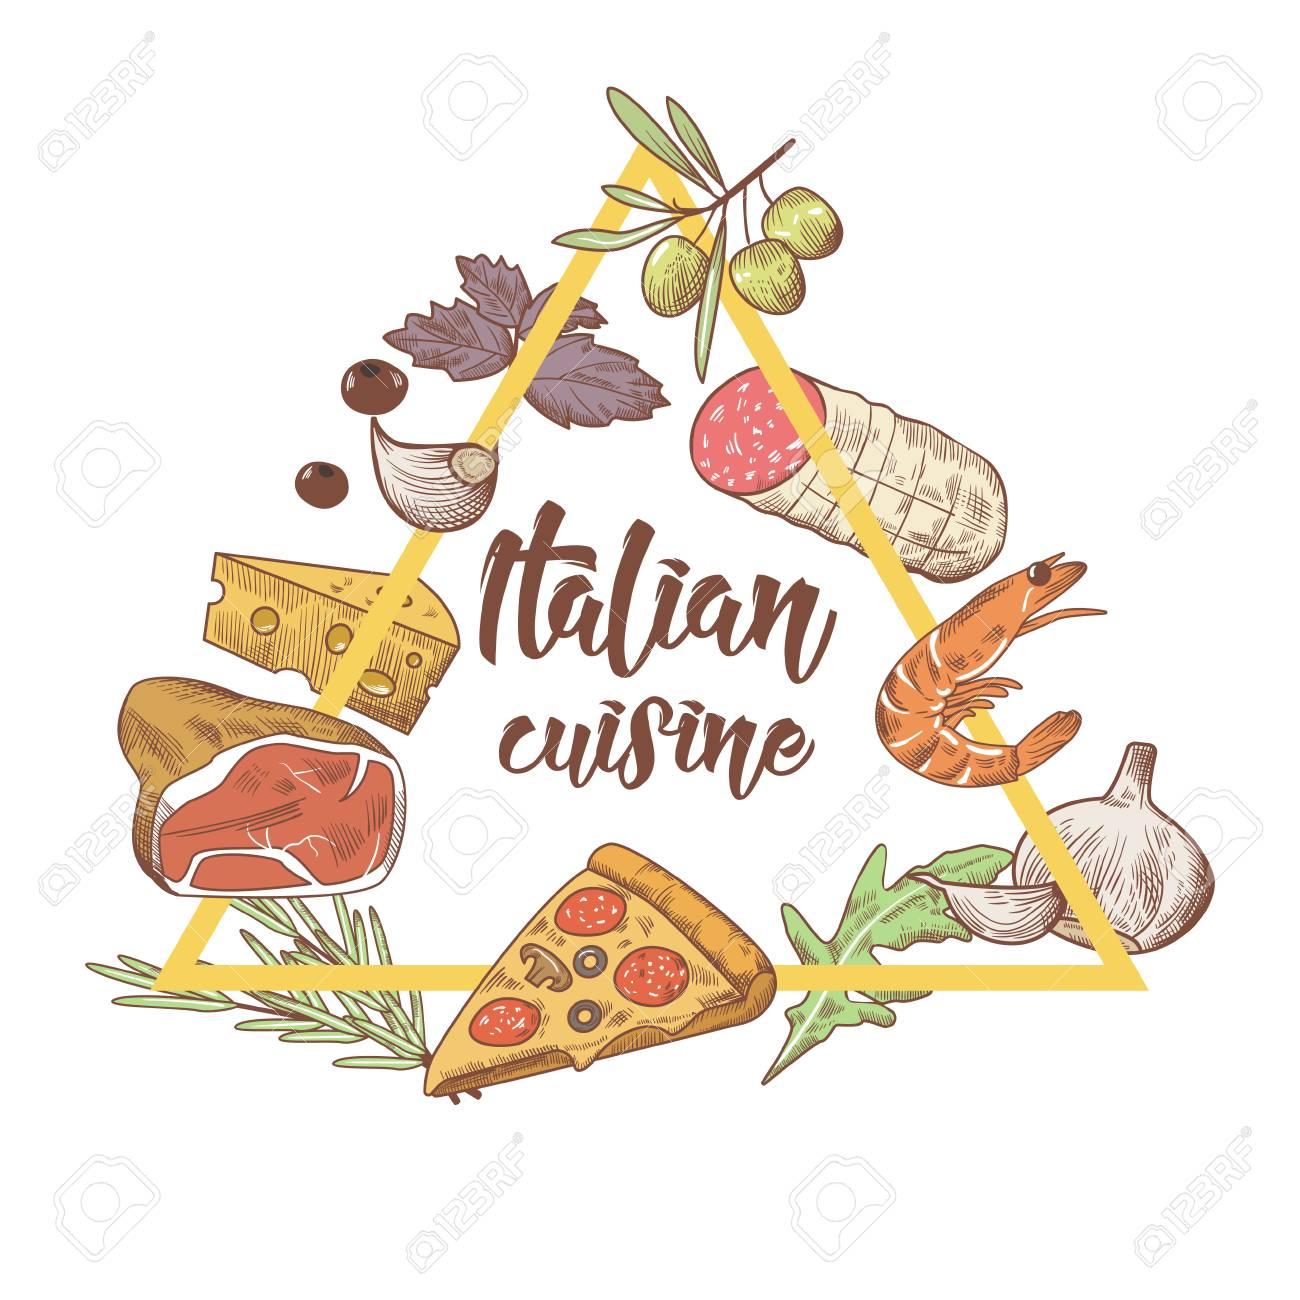 Italienische Küche Sketch Doodle. Essen Menü Design-Vorlage. Hand ...